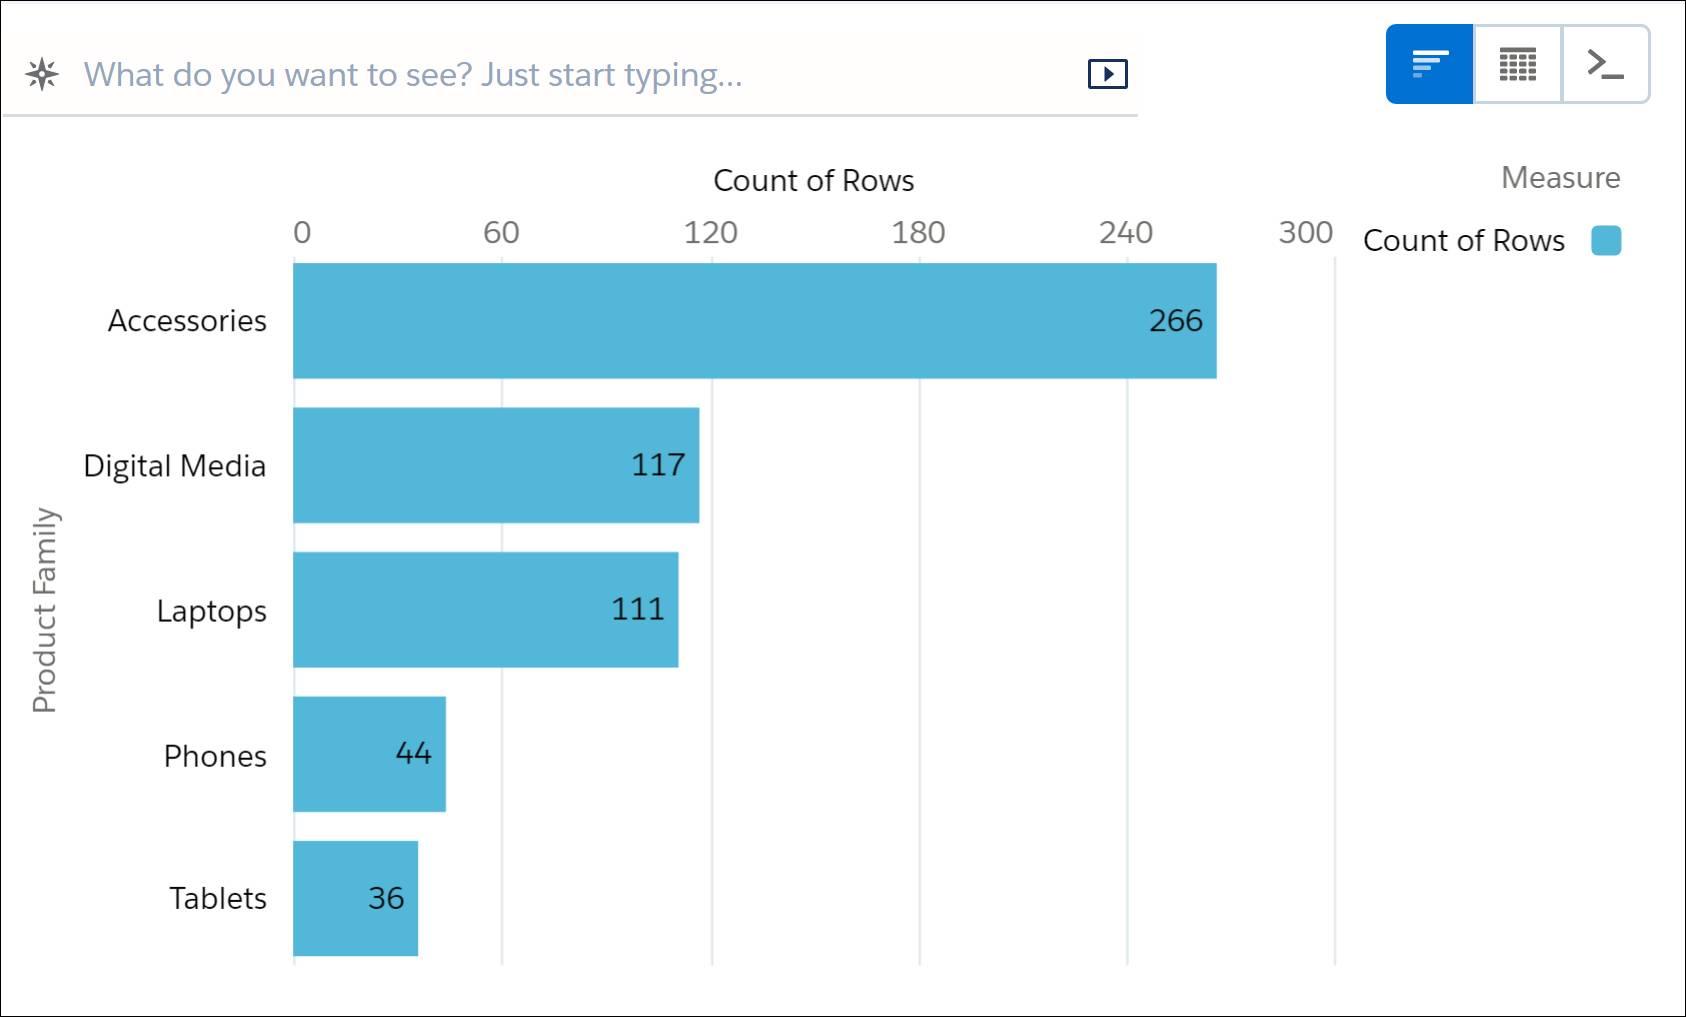 Um gráfico de barras exibindo a contagem de linhas agrupadas por família de produtos